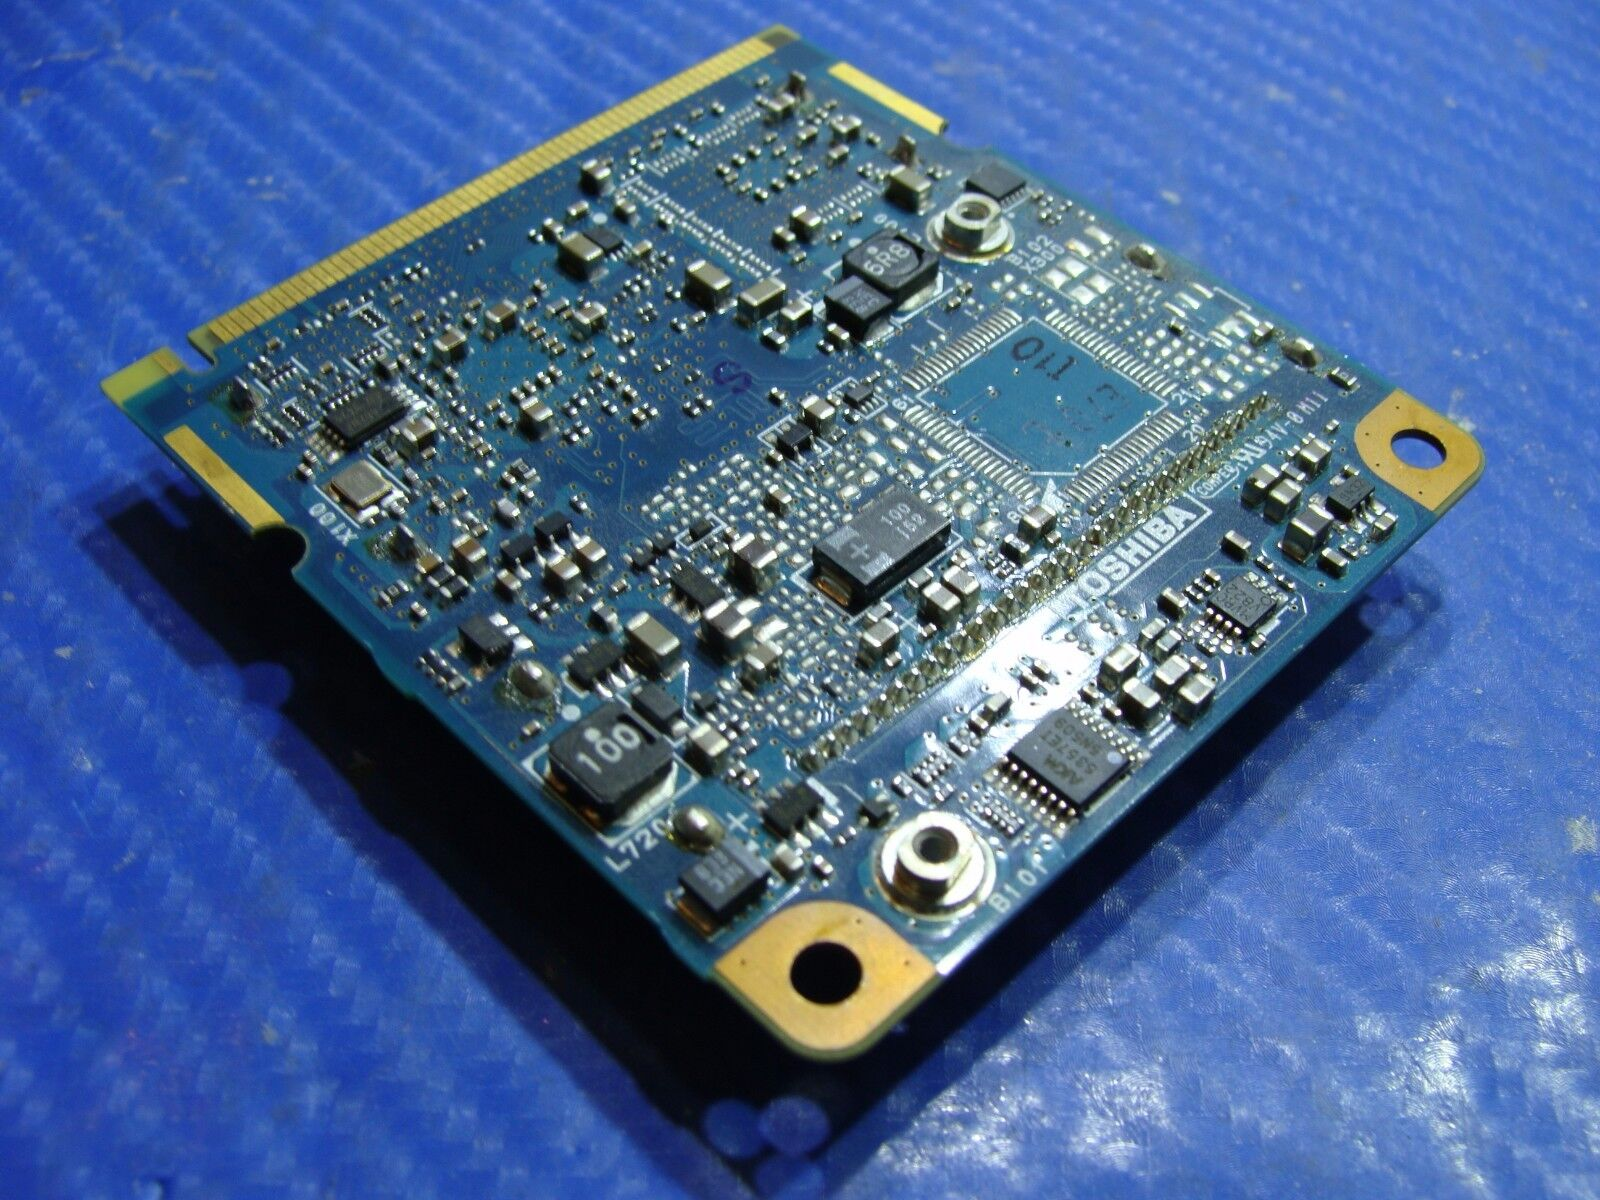 Toshiba Qosmio F25-AV205 TV/FM-Tuner 64 BIT Driver